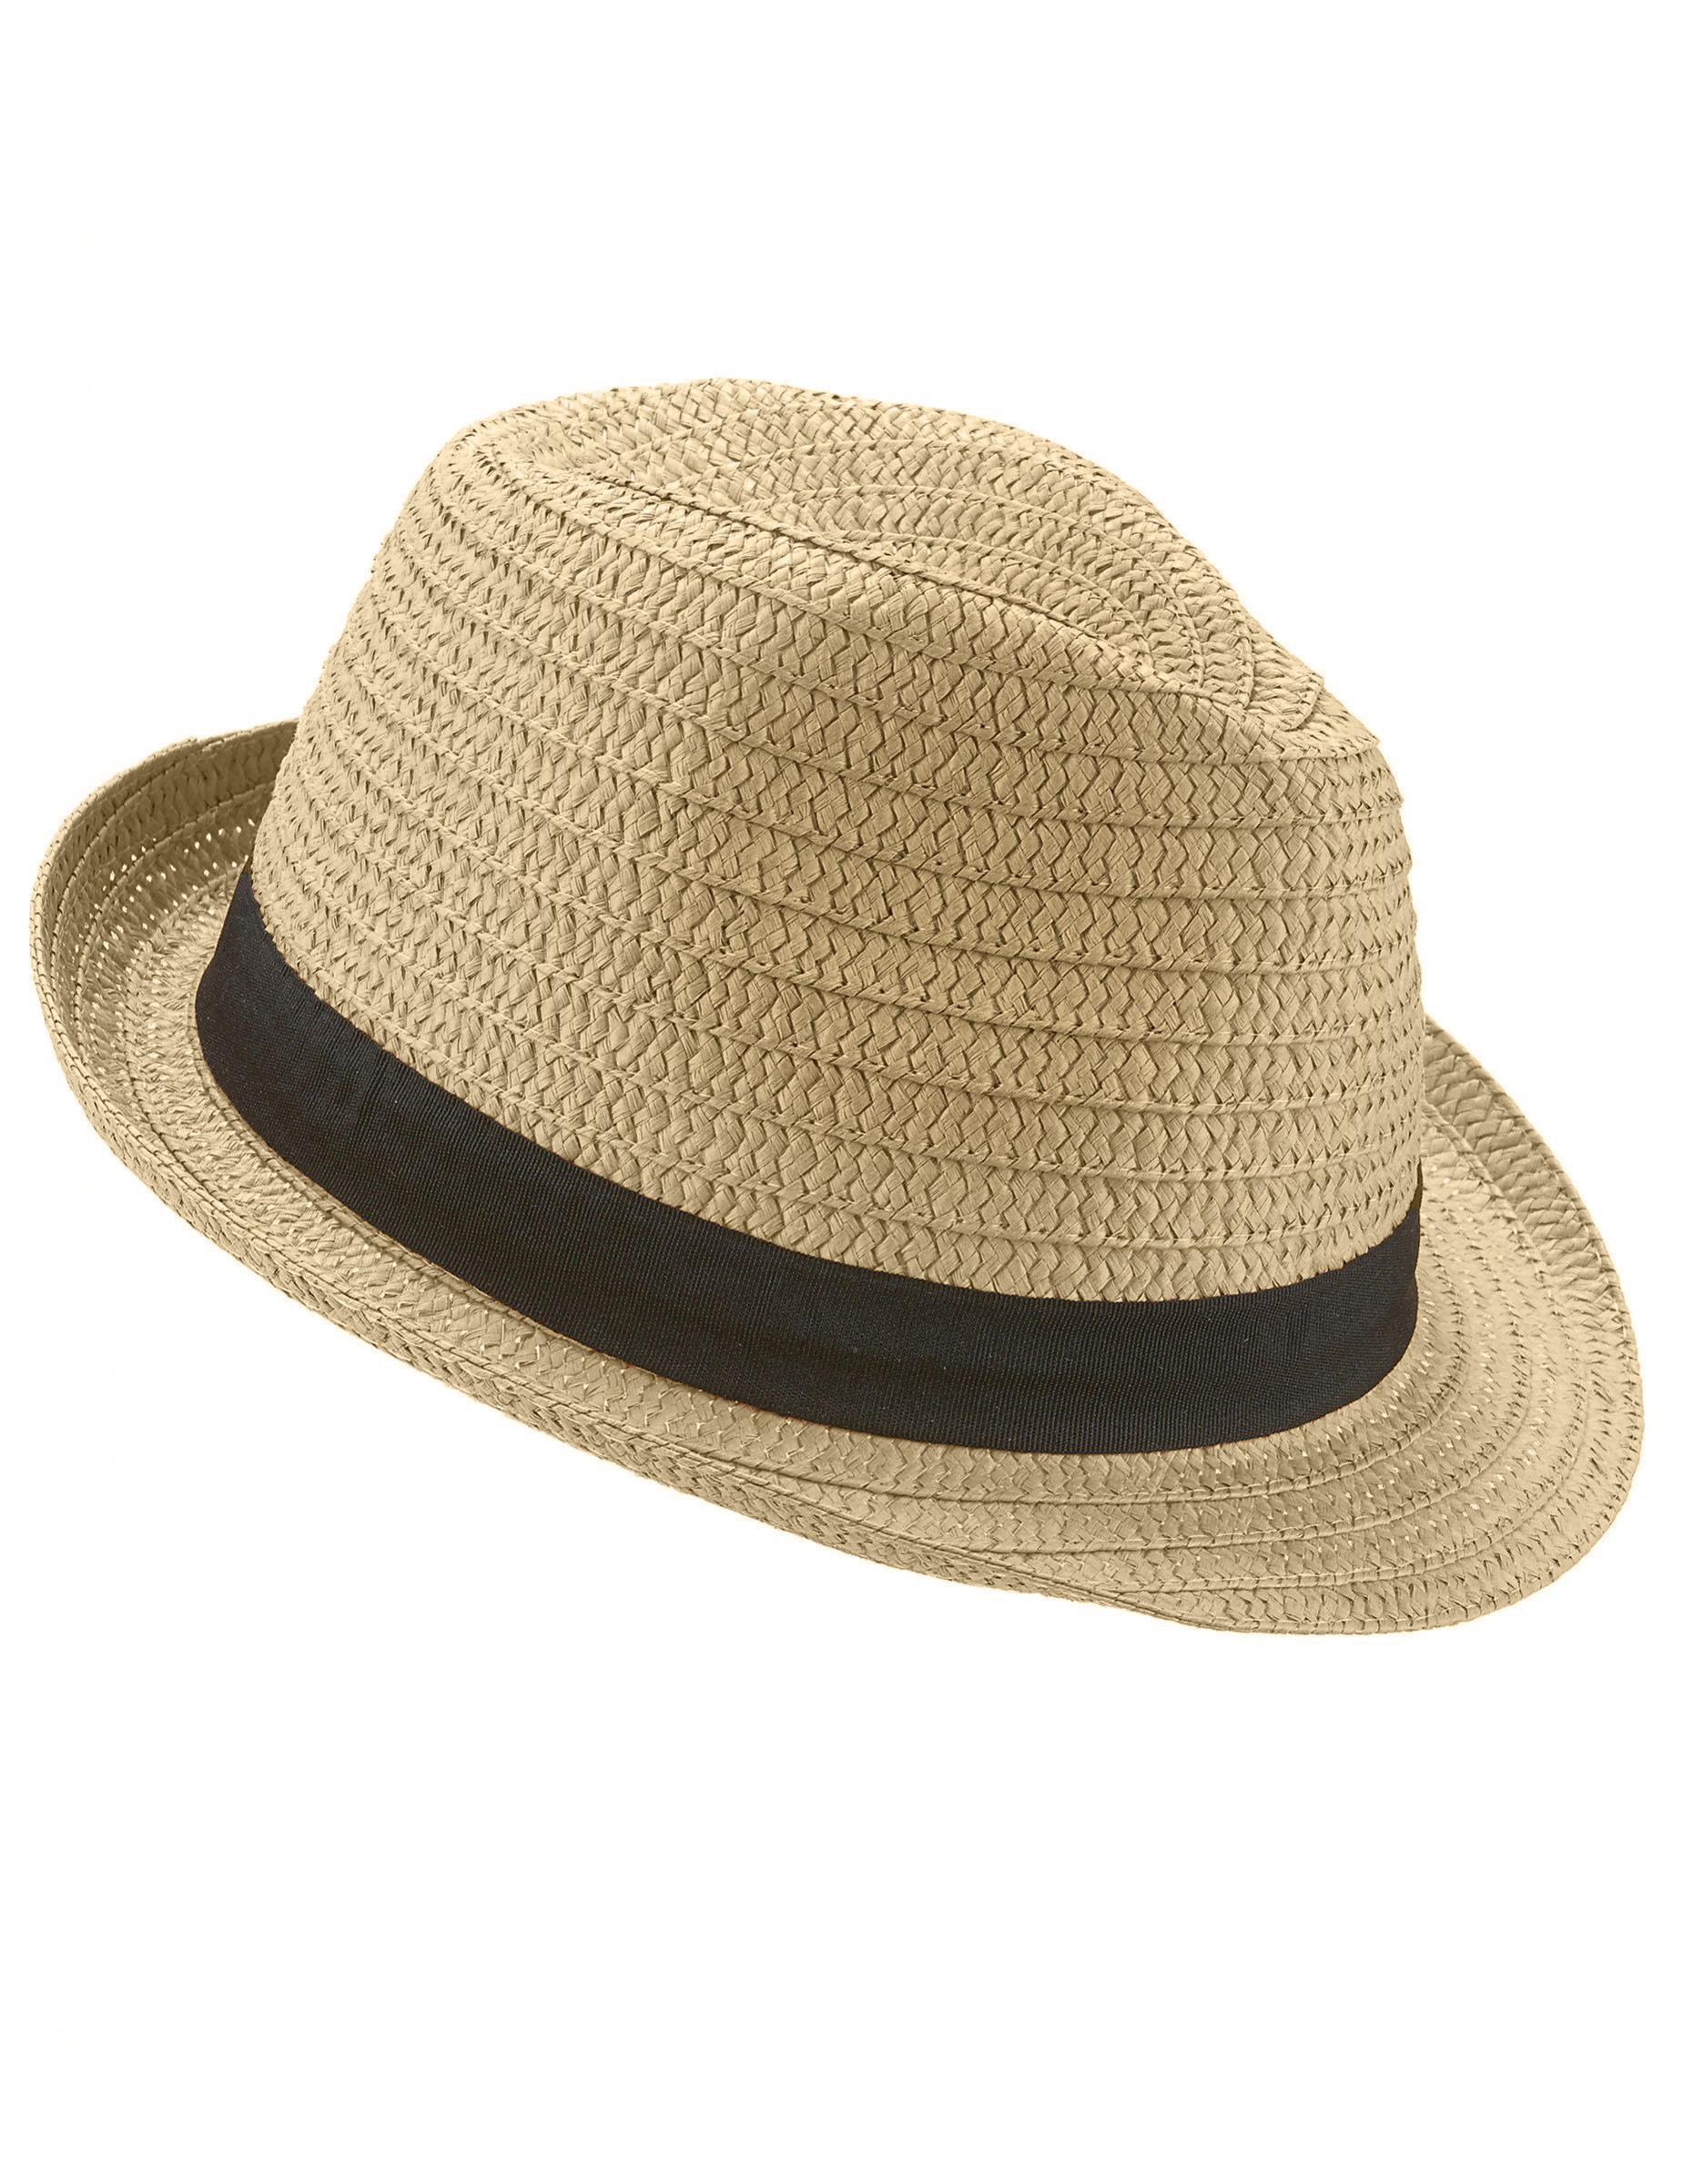 Sombrero borsalino con banda negra adulto  Sombreros 2f2d3364e1b